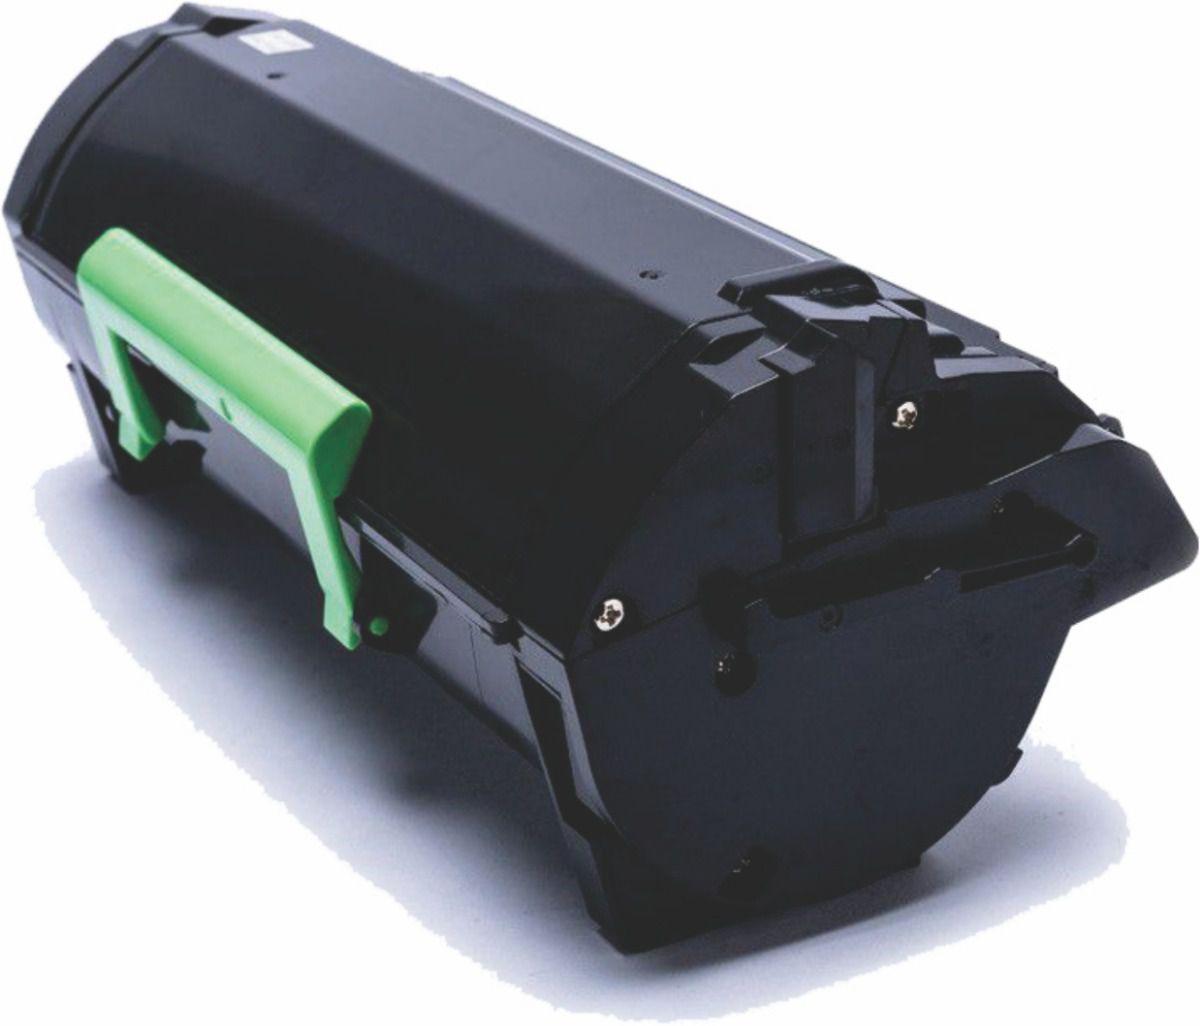 Toner Compatível com Lexmark 504h MS310 MS410 MS610 5.000 Páginas Cartucho & Cia.